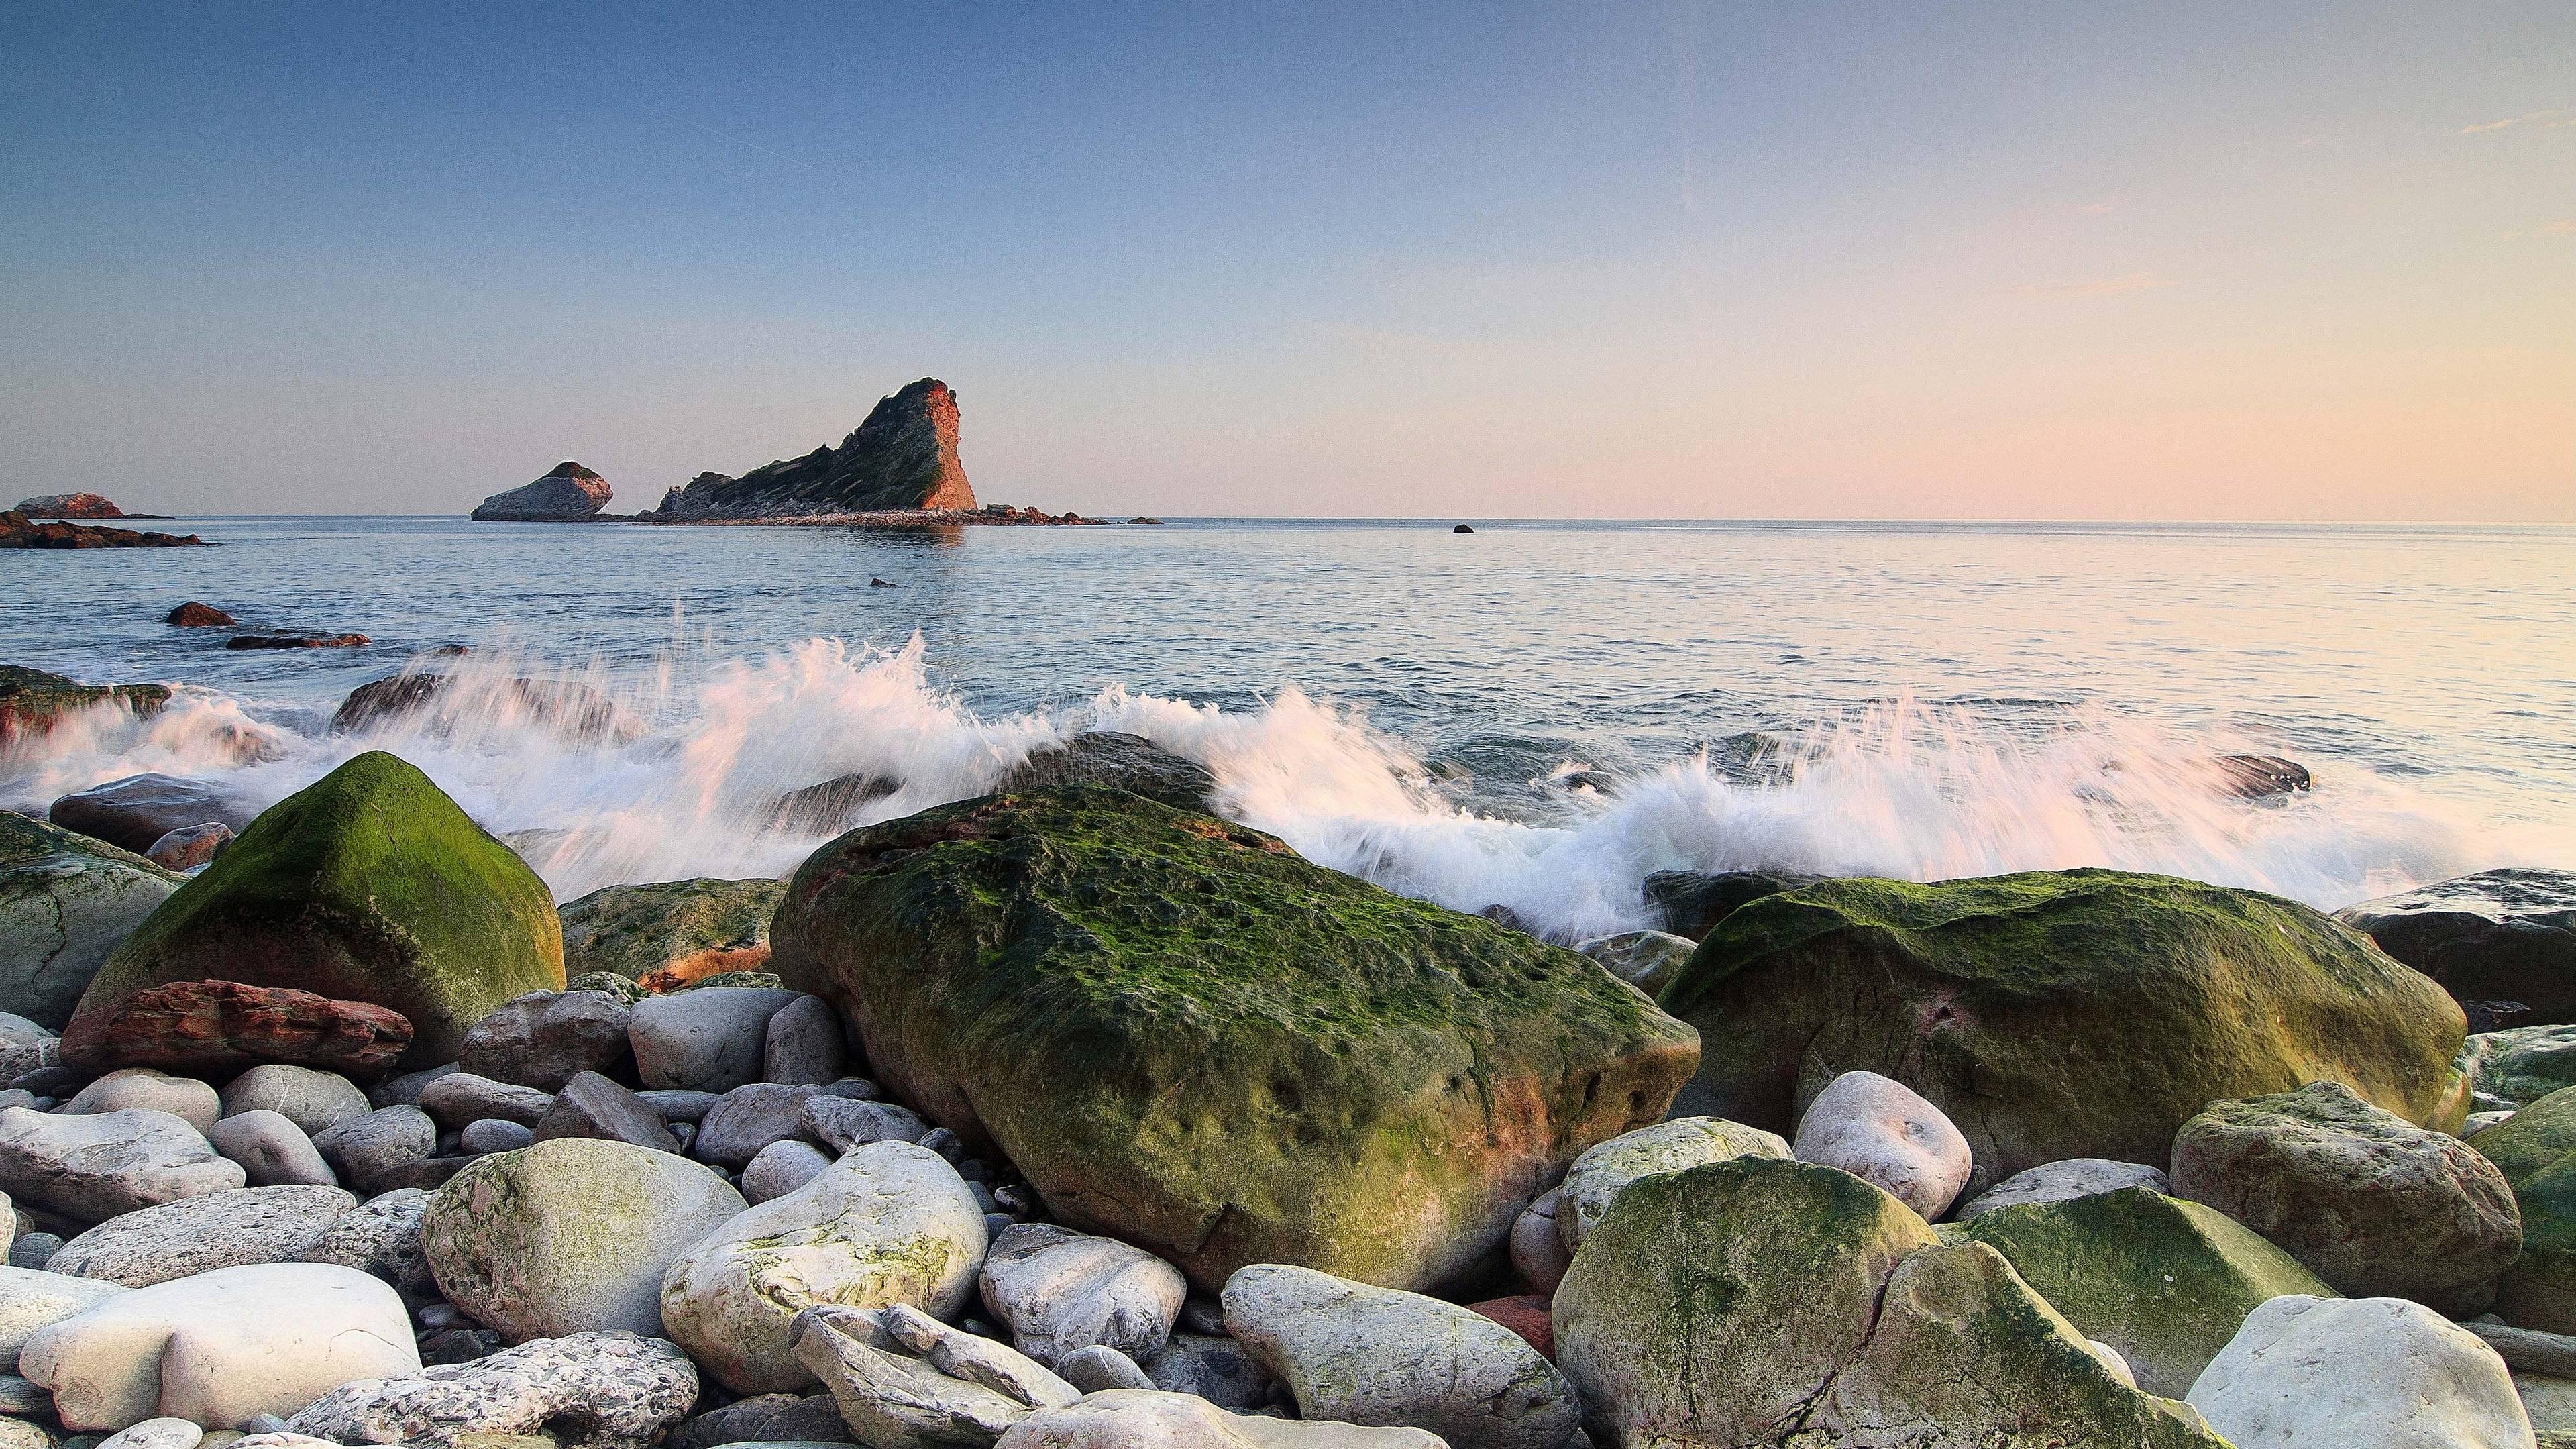 скалы камни море прибой небо анонимно